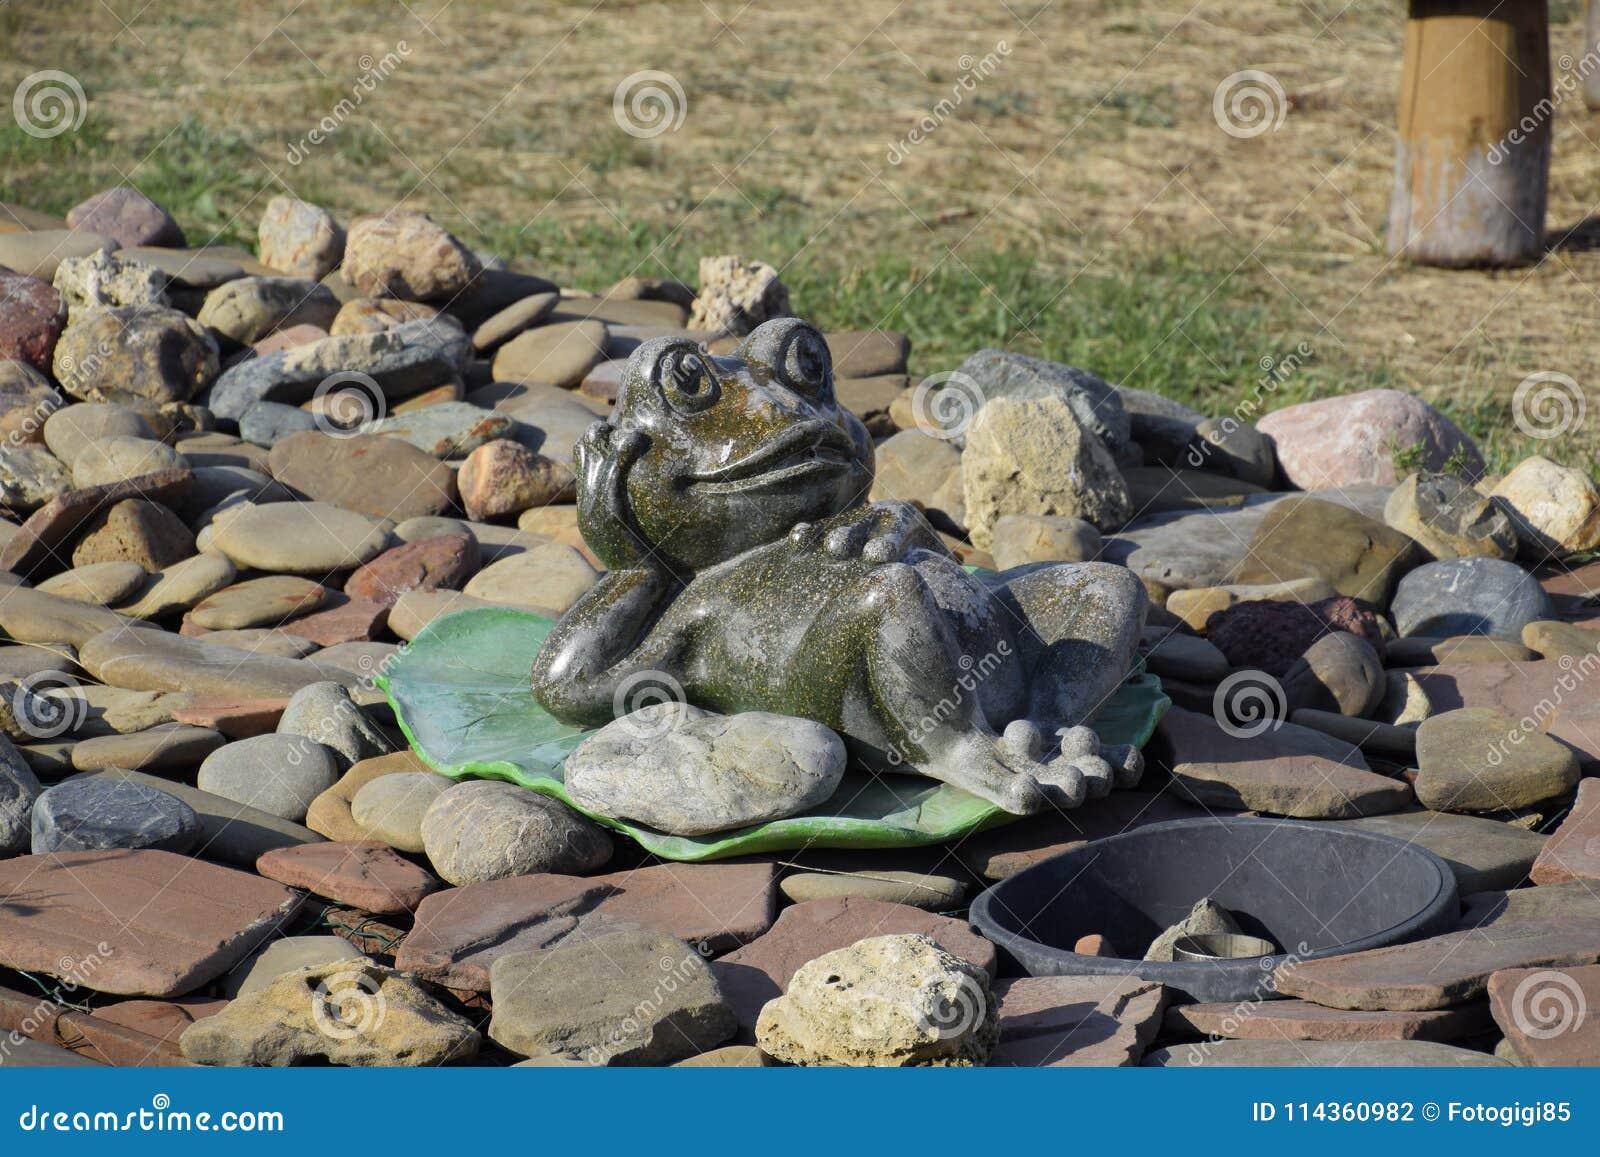 Estátua de uma rã em um lírio de água Uma estátua em seixos